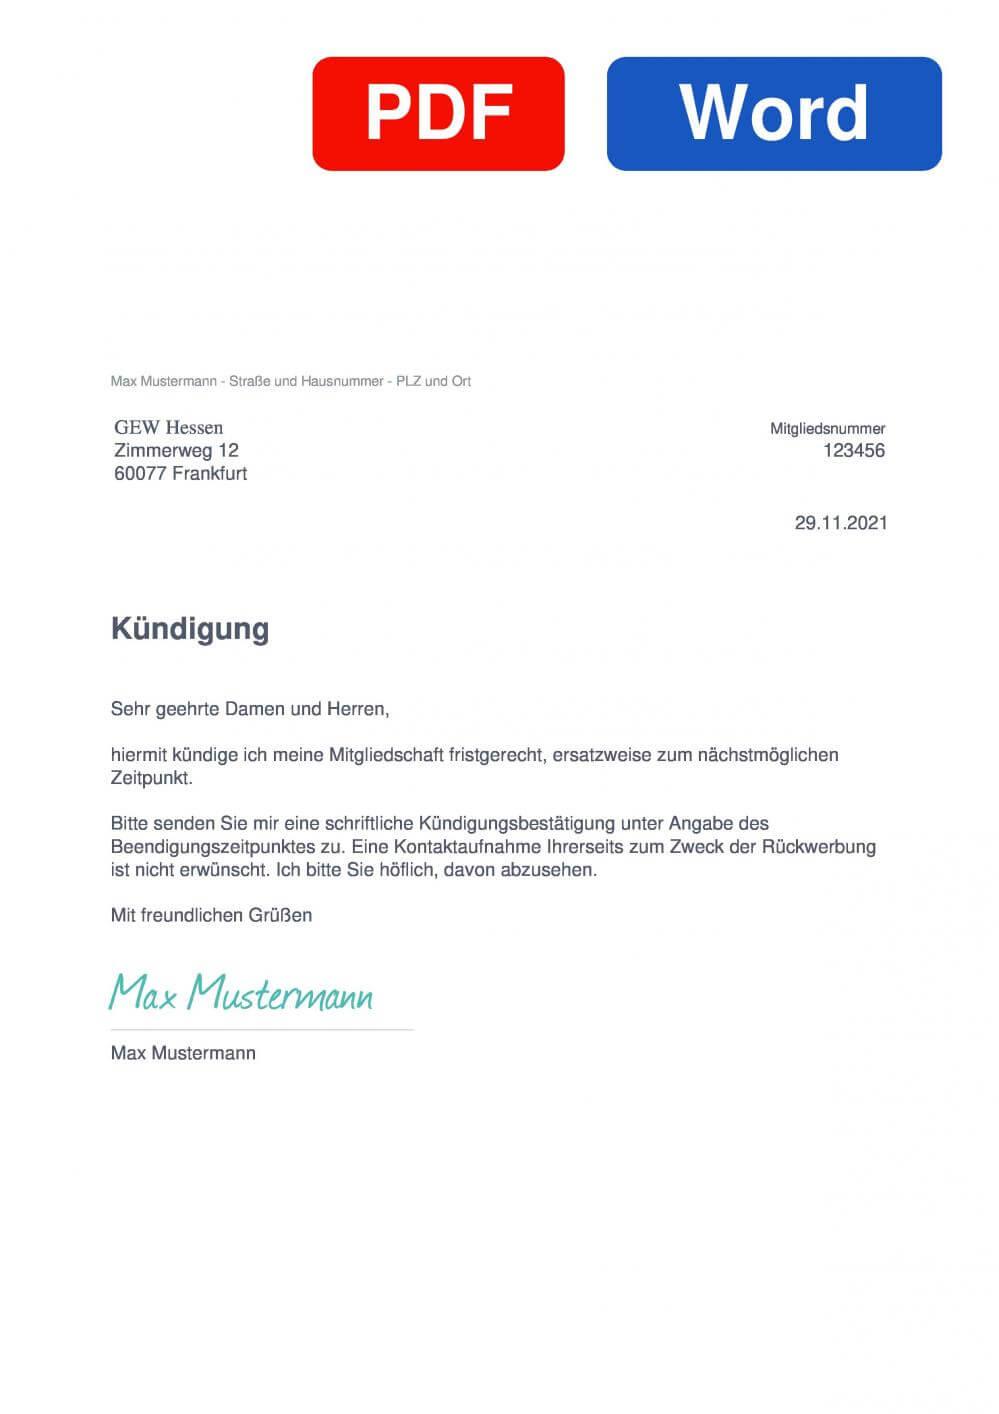 GEW Hessen Muster Vorlage für Kündigungsschreiben